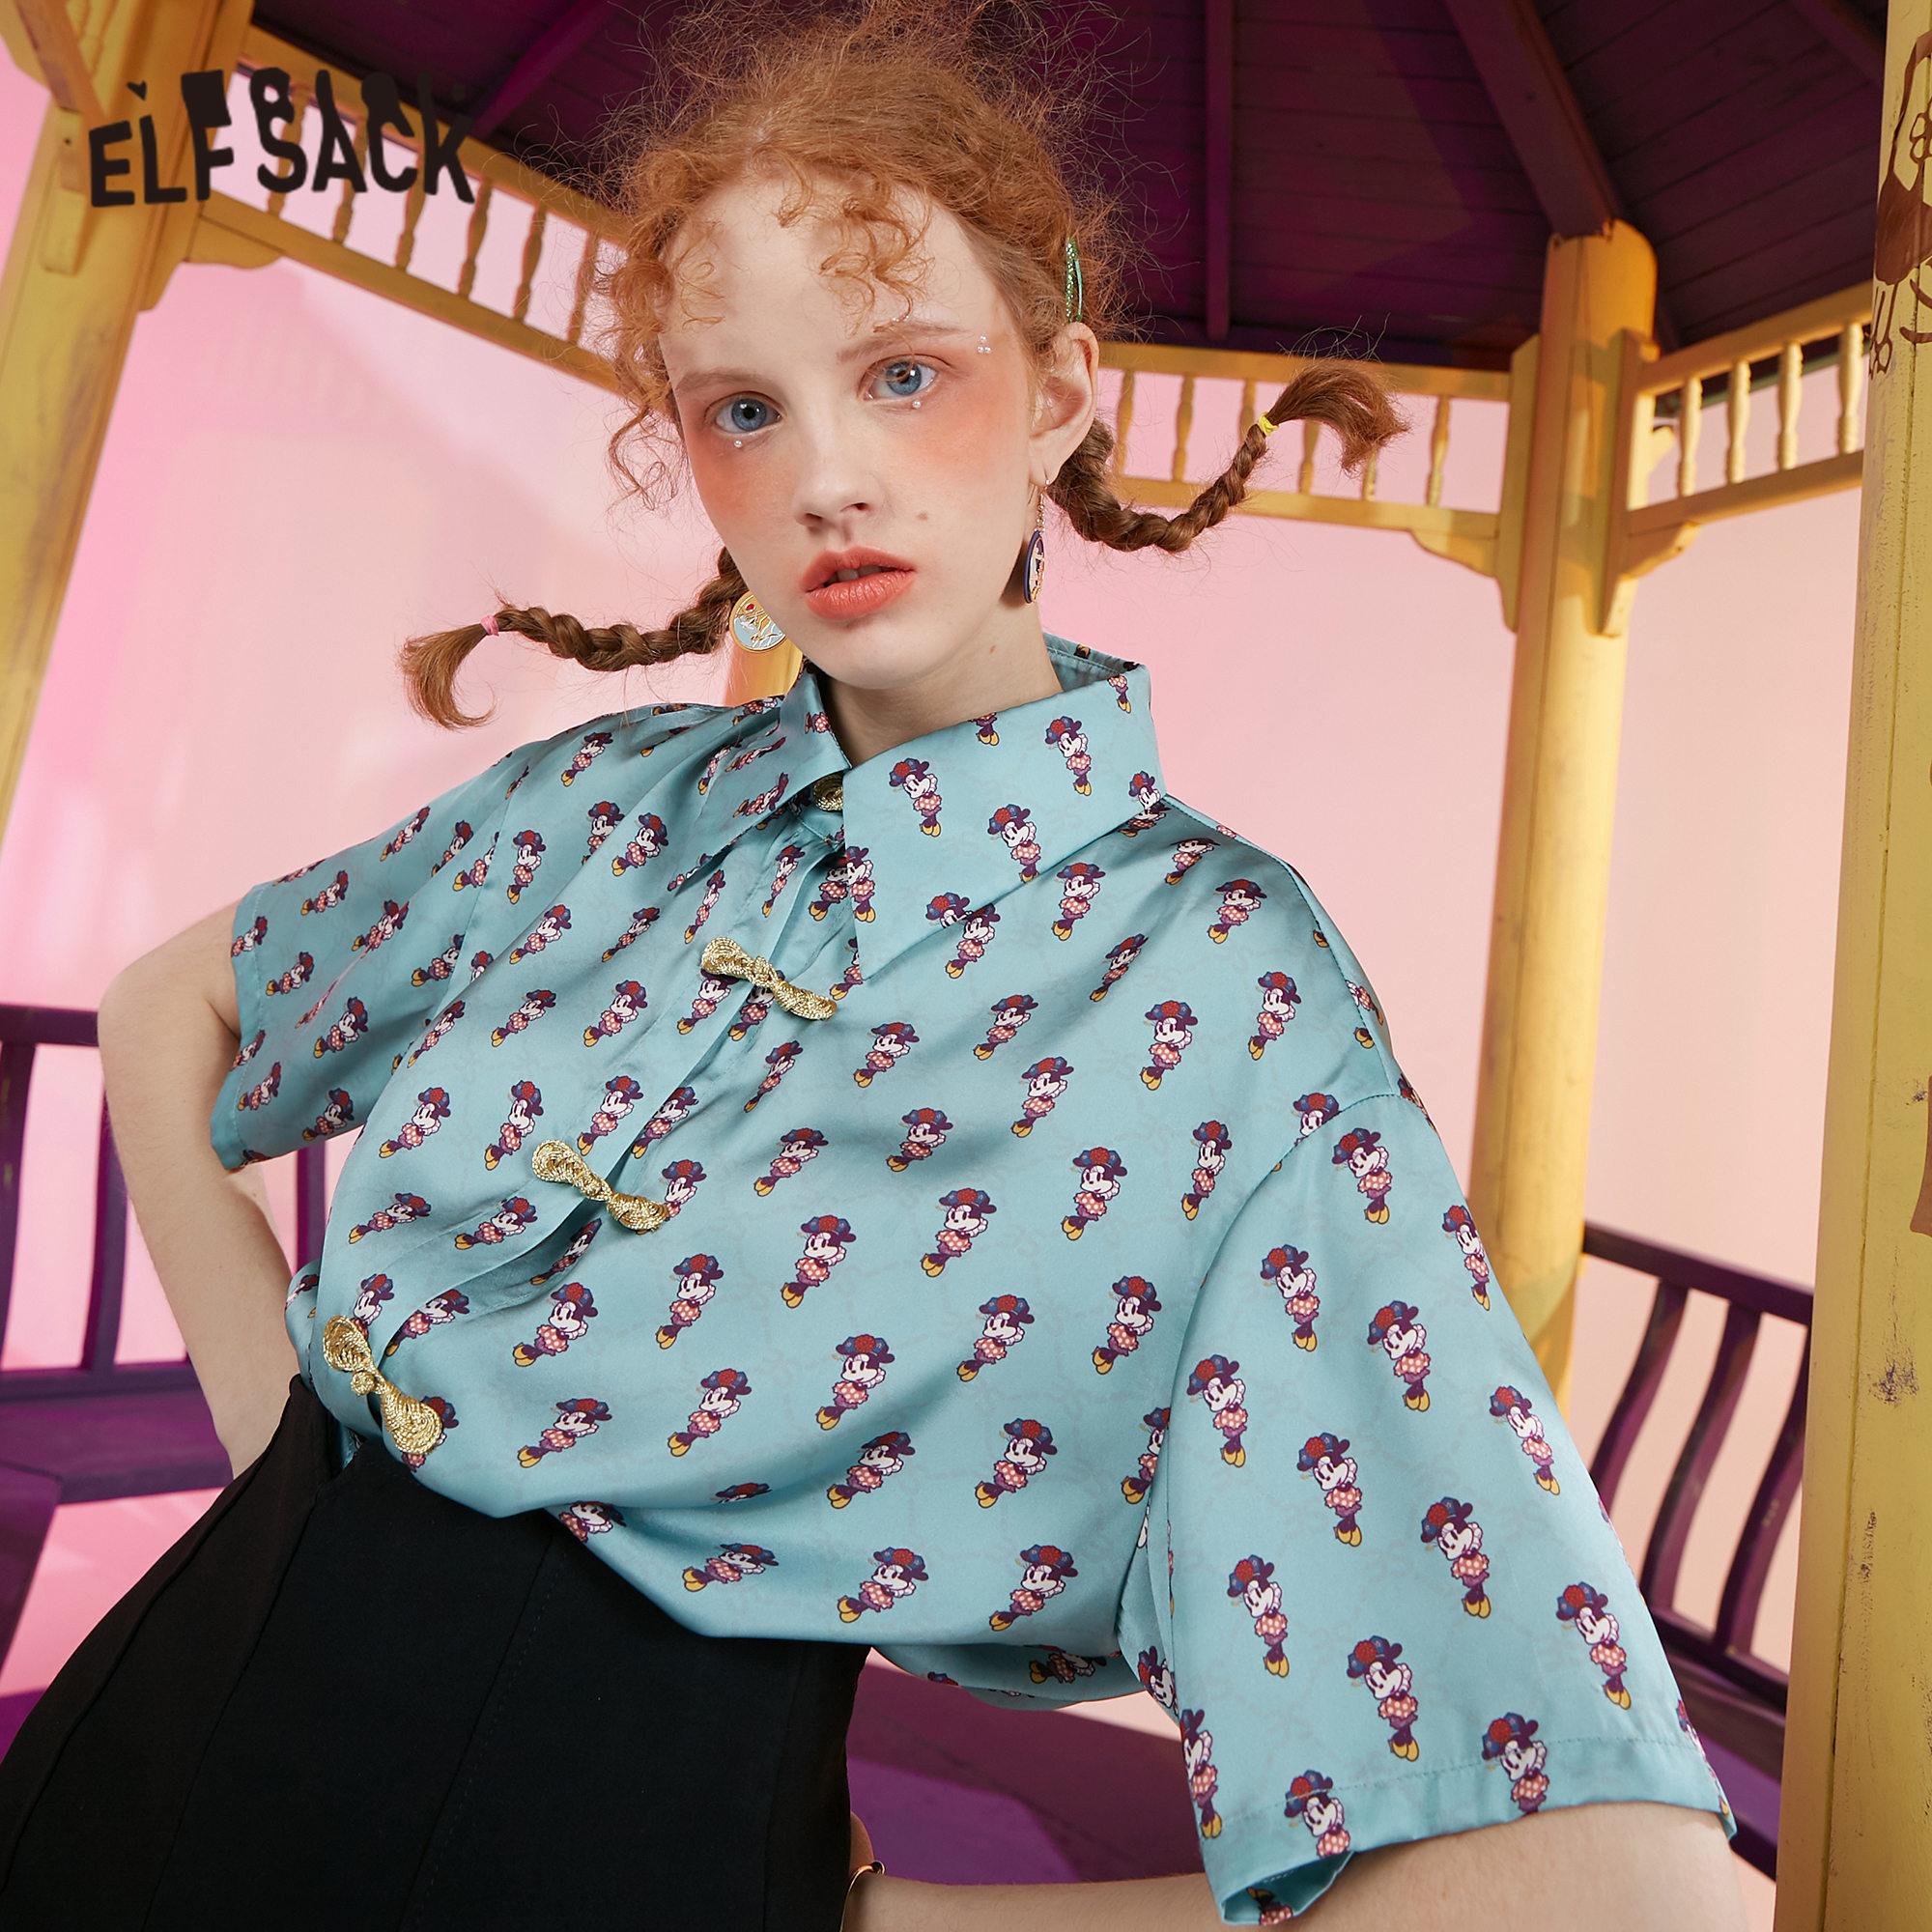 Elfsack зеленый Мышь печати шикарное ожерелье с натуральным жемчугом, на пуговицах, Повседневное атласная рубашка Для женщин 2020 бело Серые Новые летние с коротким рукавом в Корейском стиле, женские, повседневные топы|Блузки и рубашки|   | АлиЭкспресс - одежда